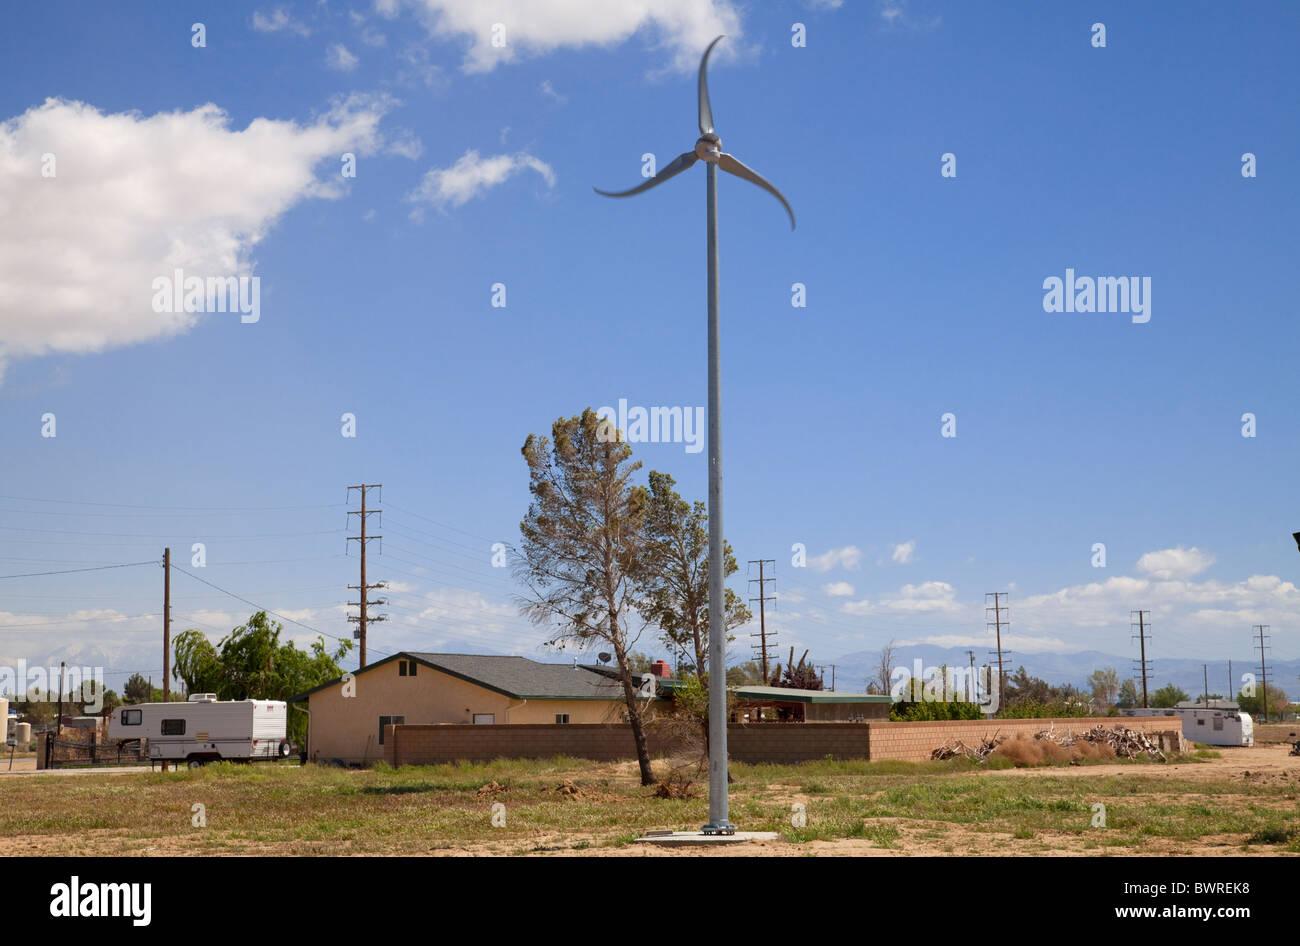 Wohn-Windkraftanlage, Rosamond, Kern County, Kalifornien, USA Stockbild